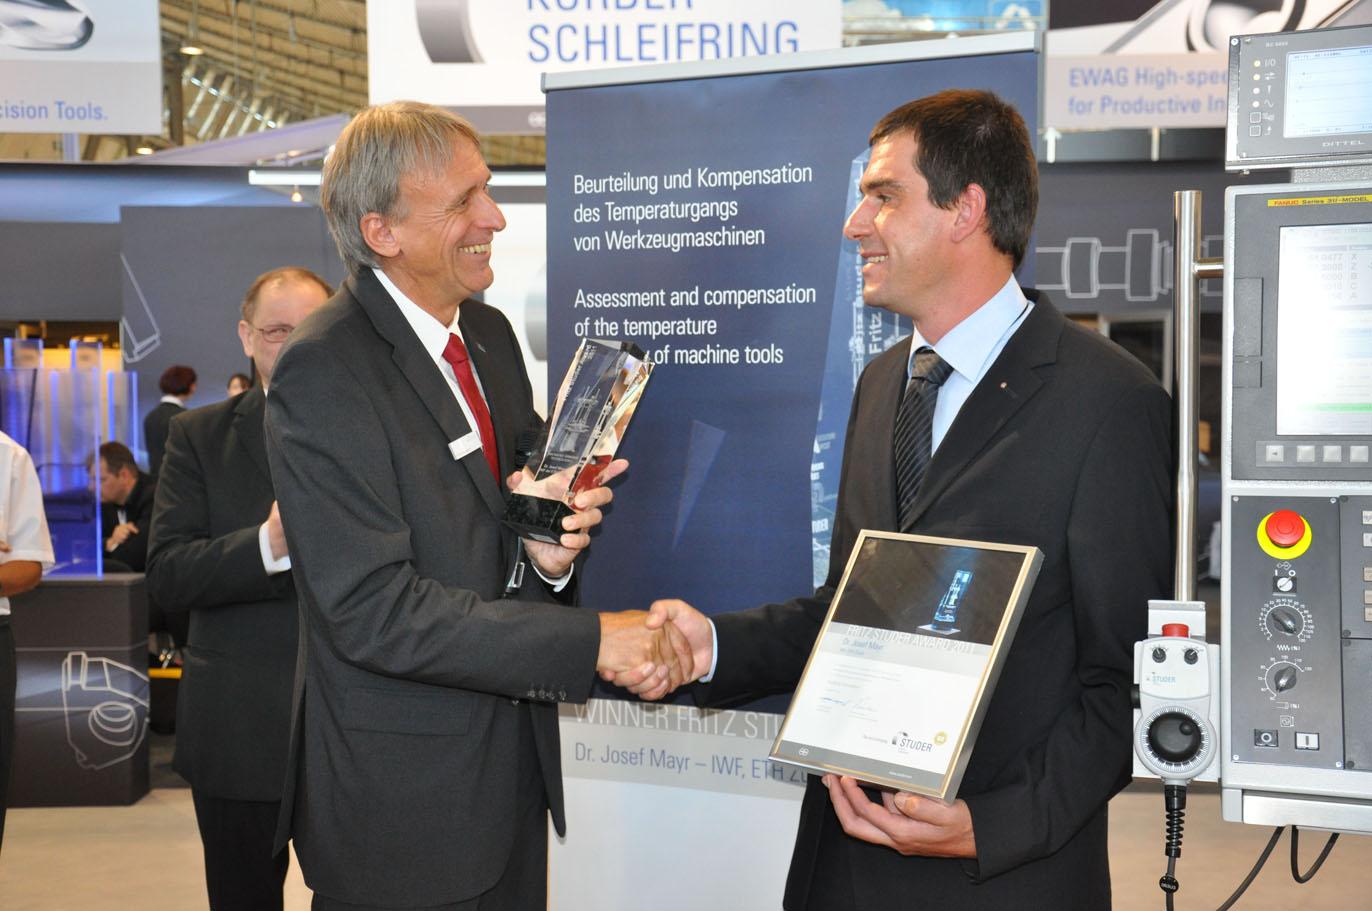 Fritz Studer Award 2011 voor Zwitserse onderzoeker